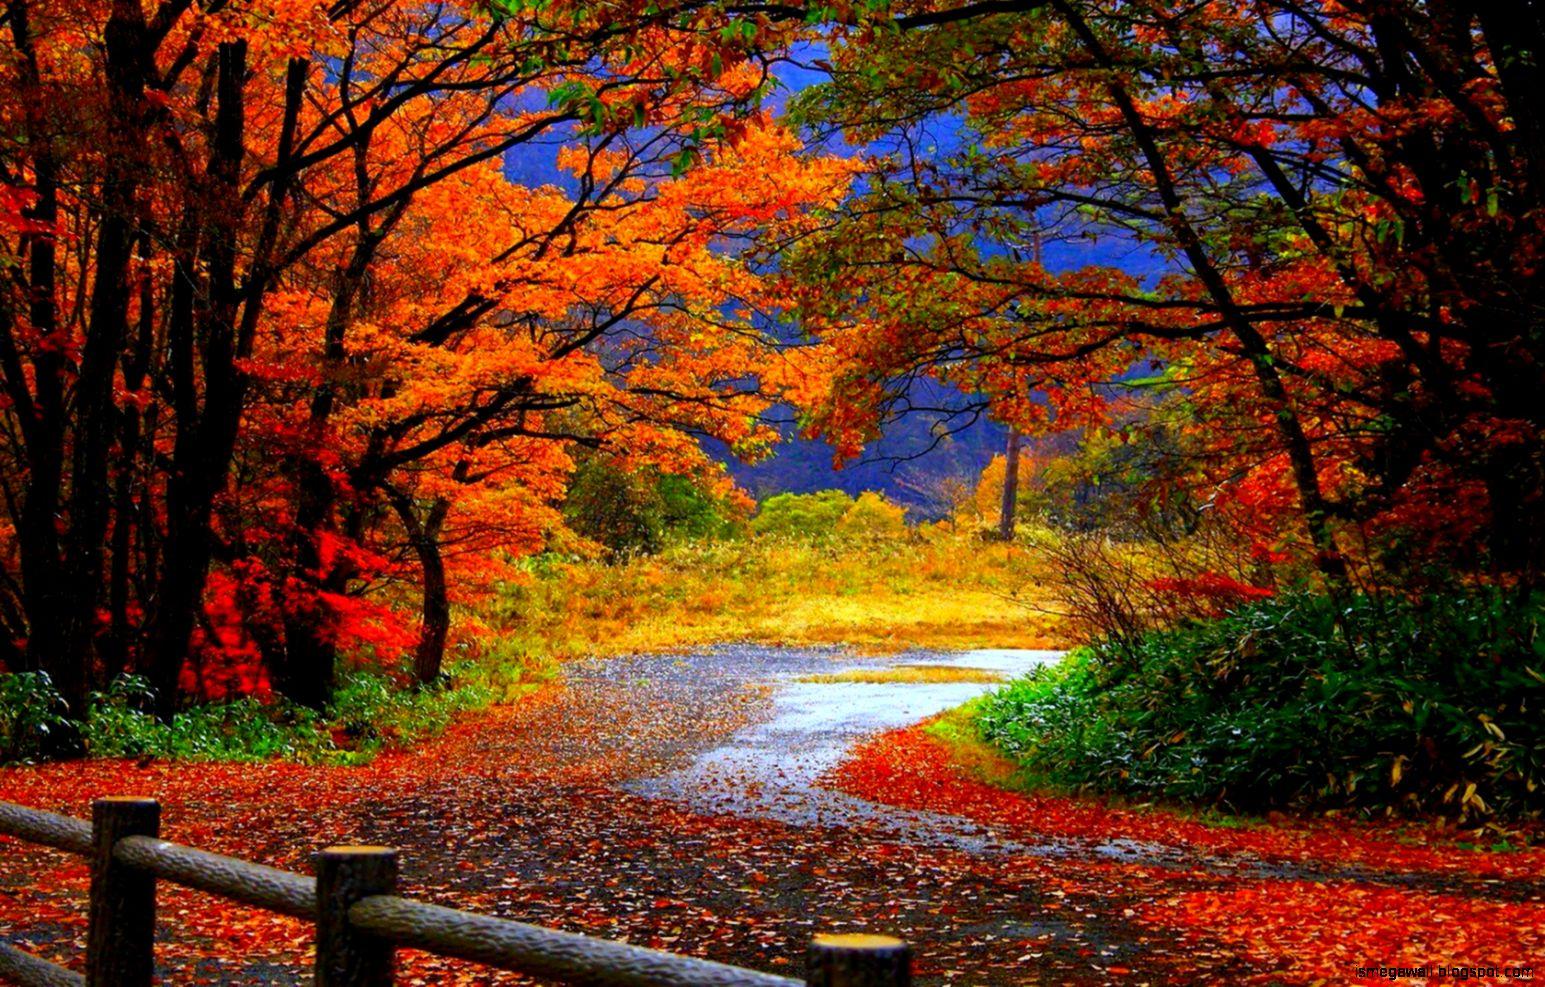 Autumn Wallpaper Hd Widescreen | Mega Wallpapers